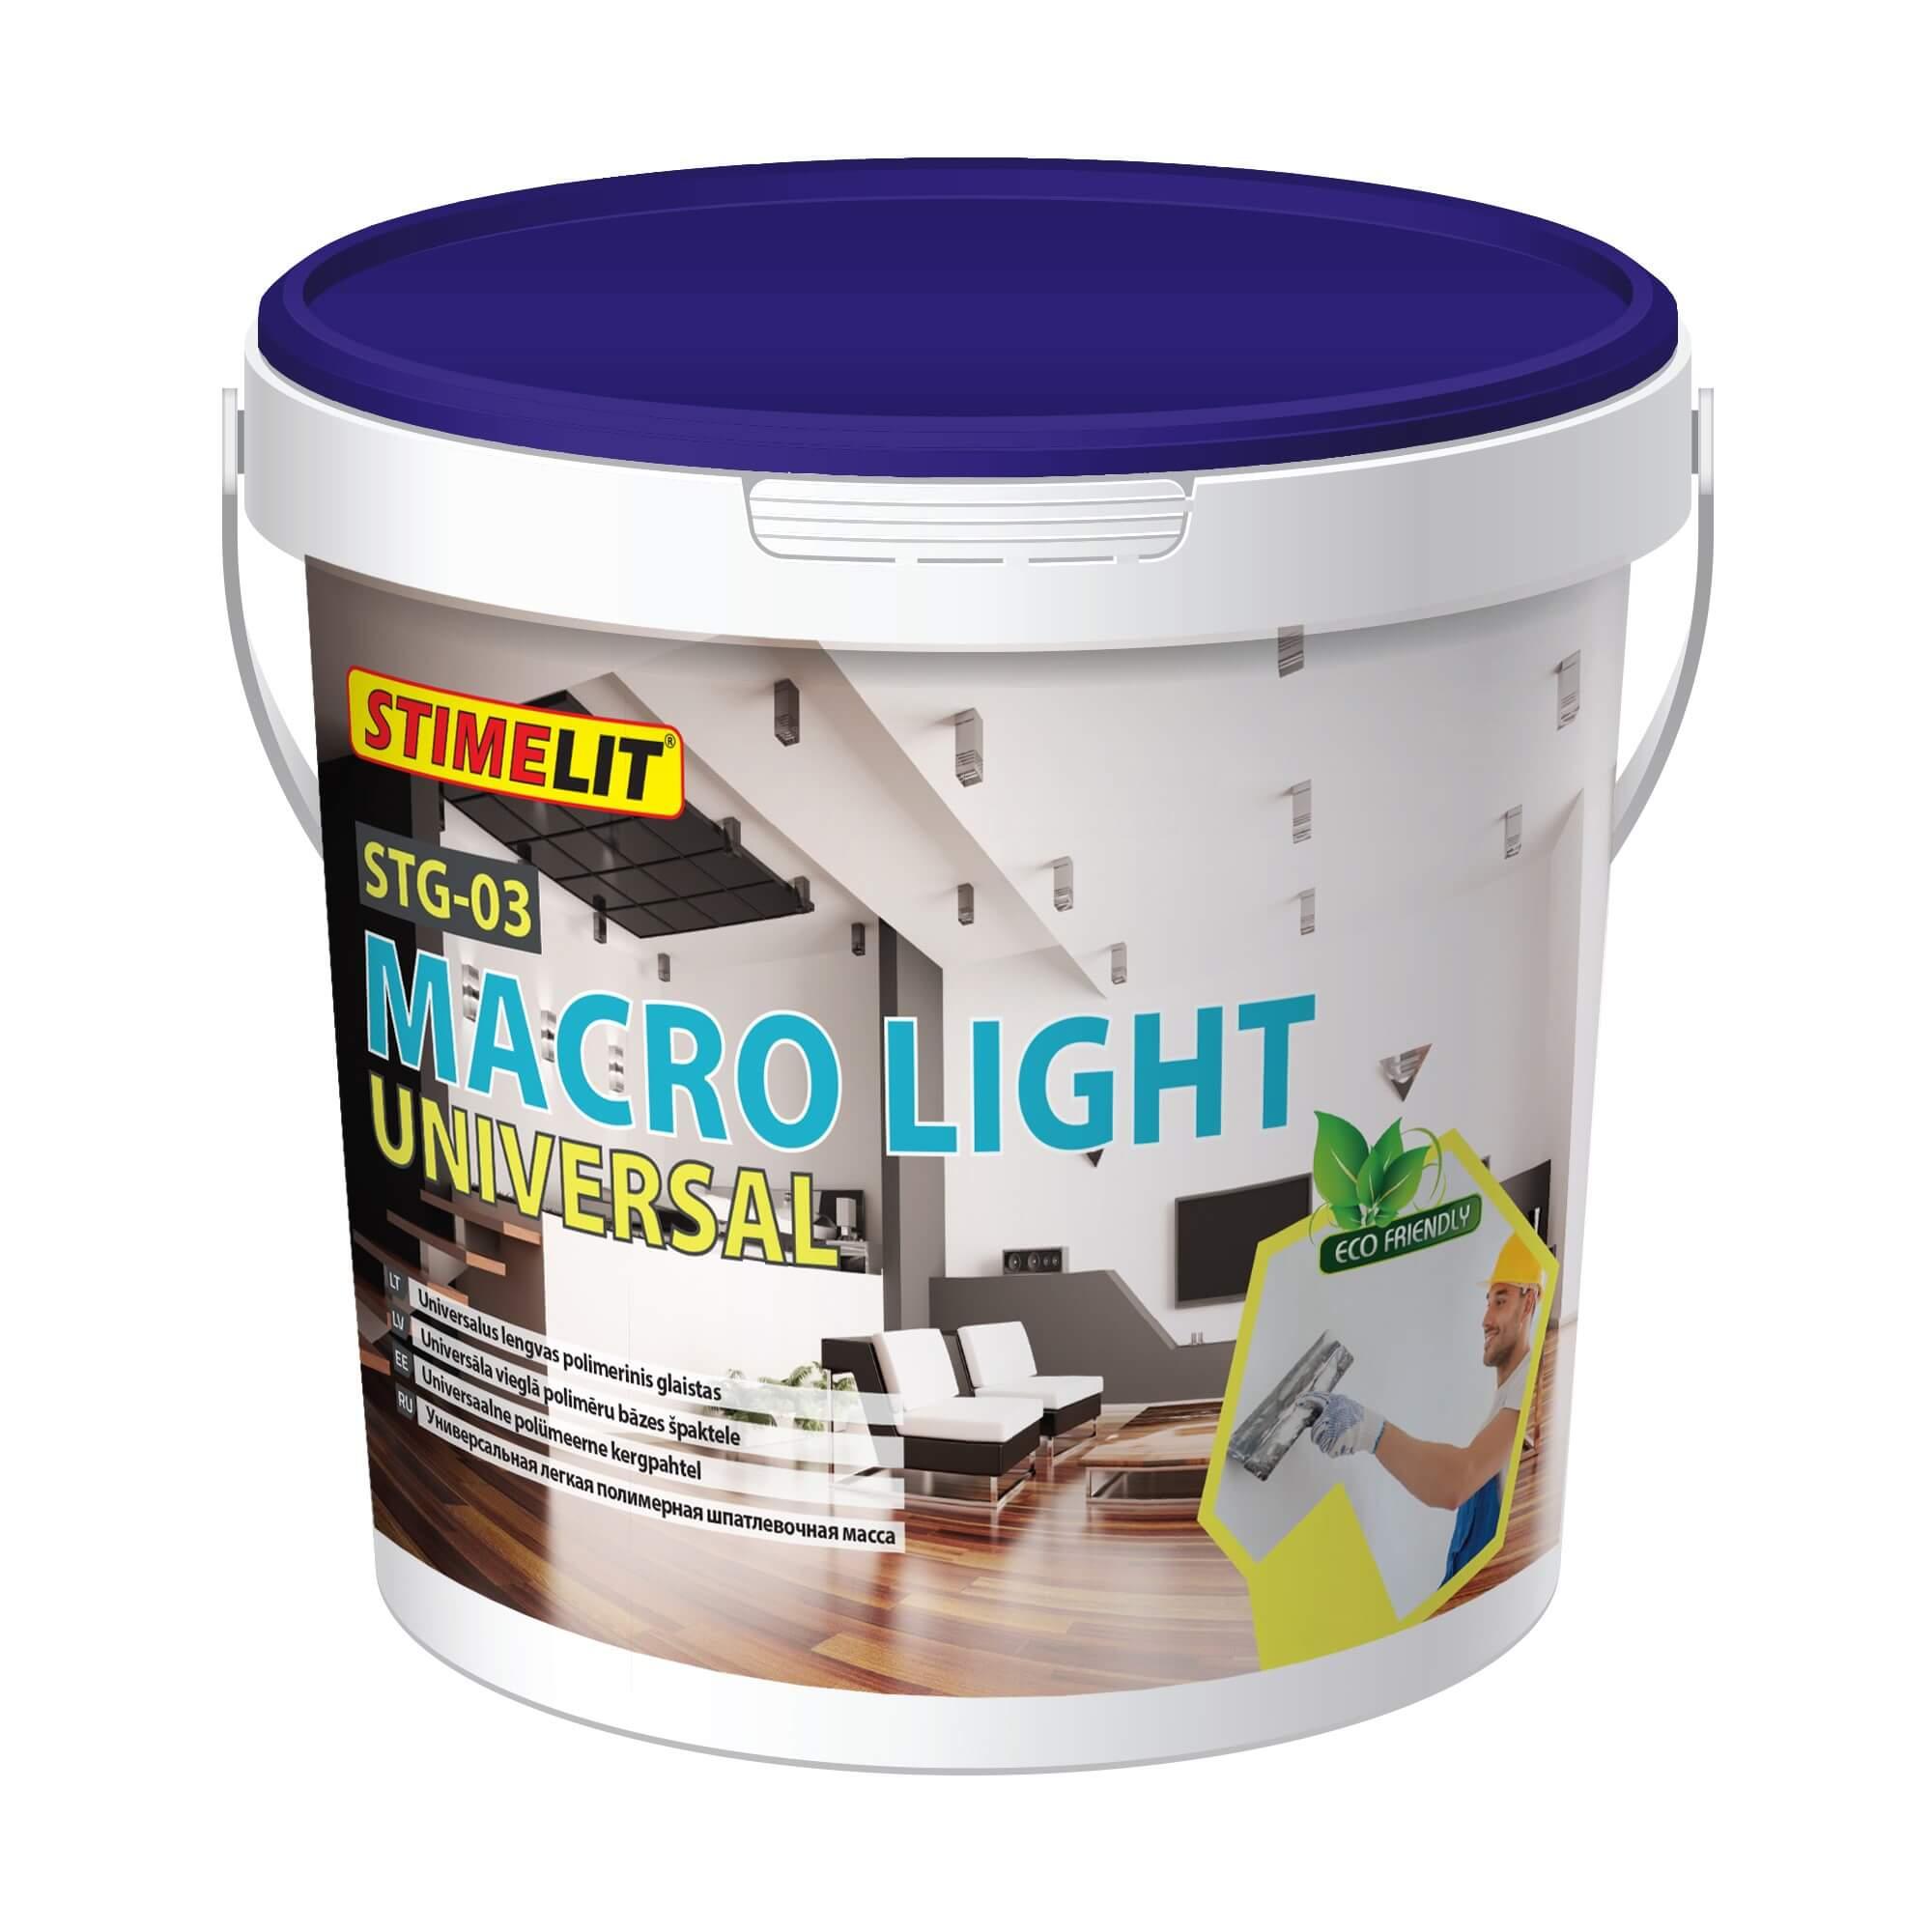 STG-03 MACRO LIGHT UNIVERSAL Universalus lengvas polimerinis glaistas